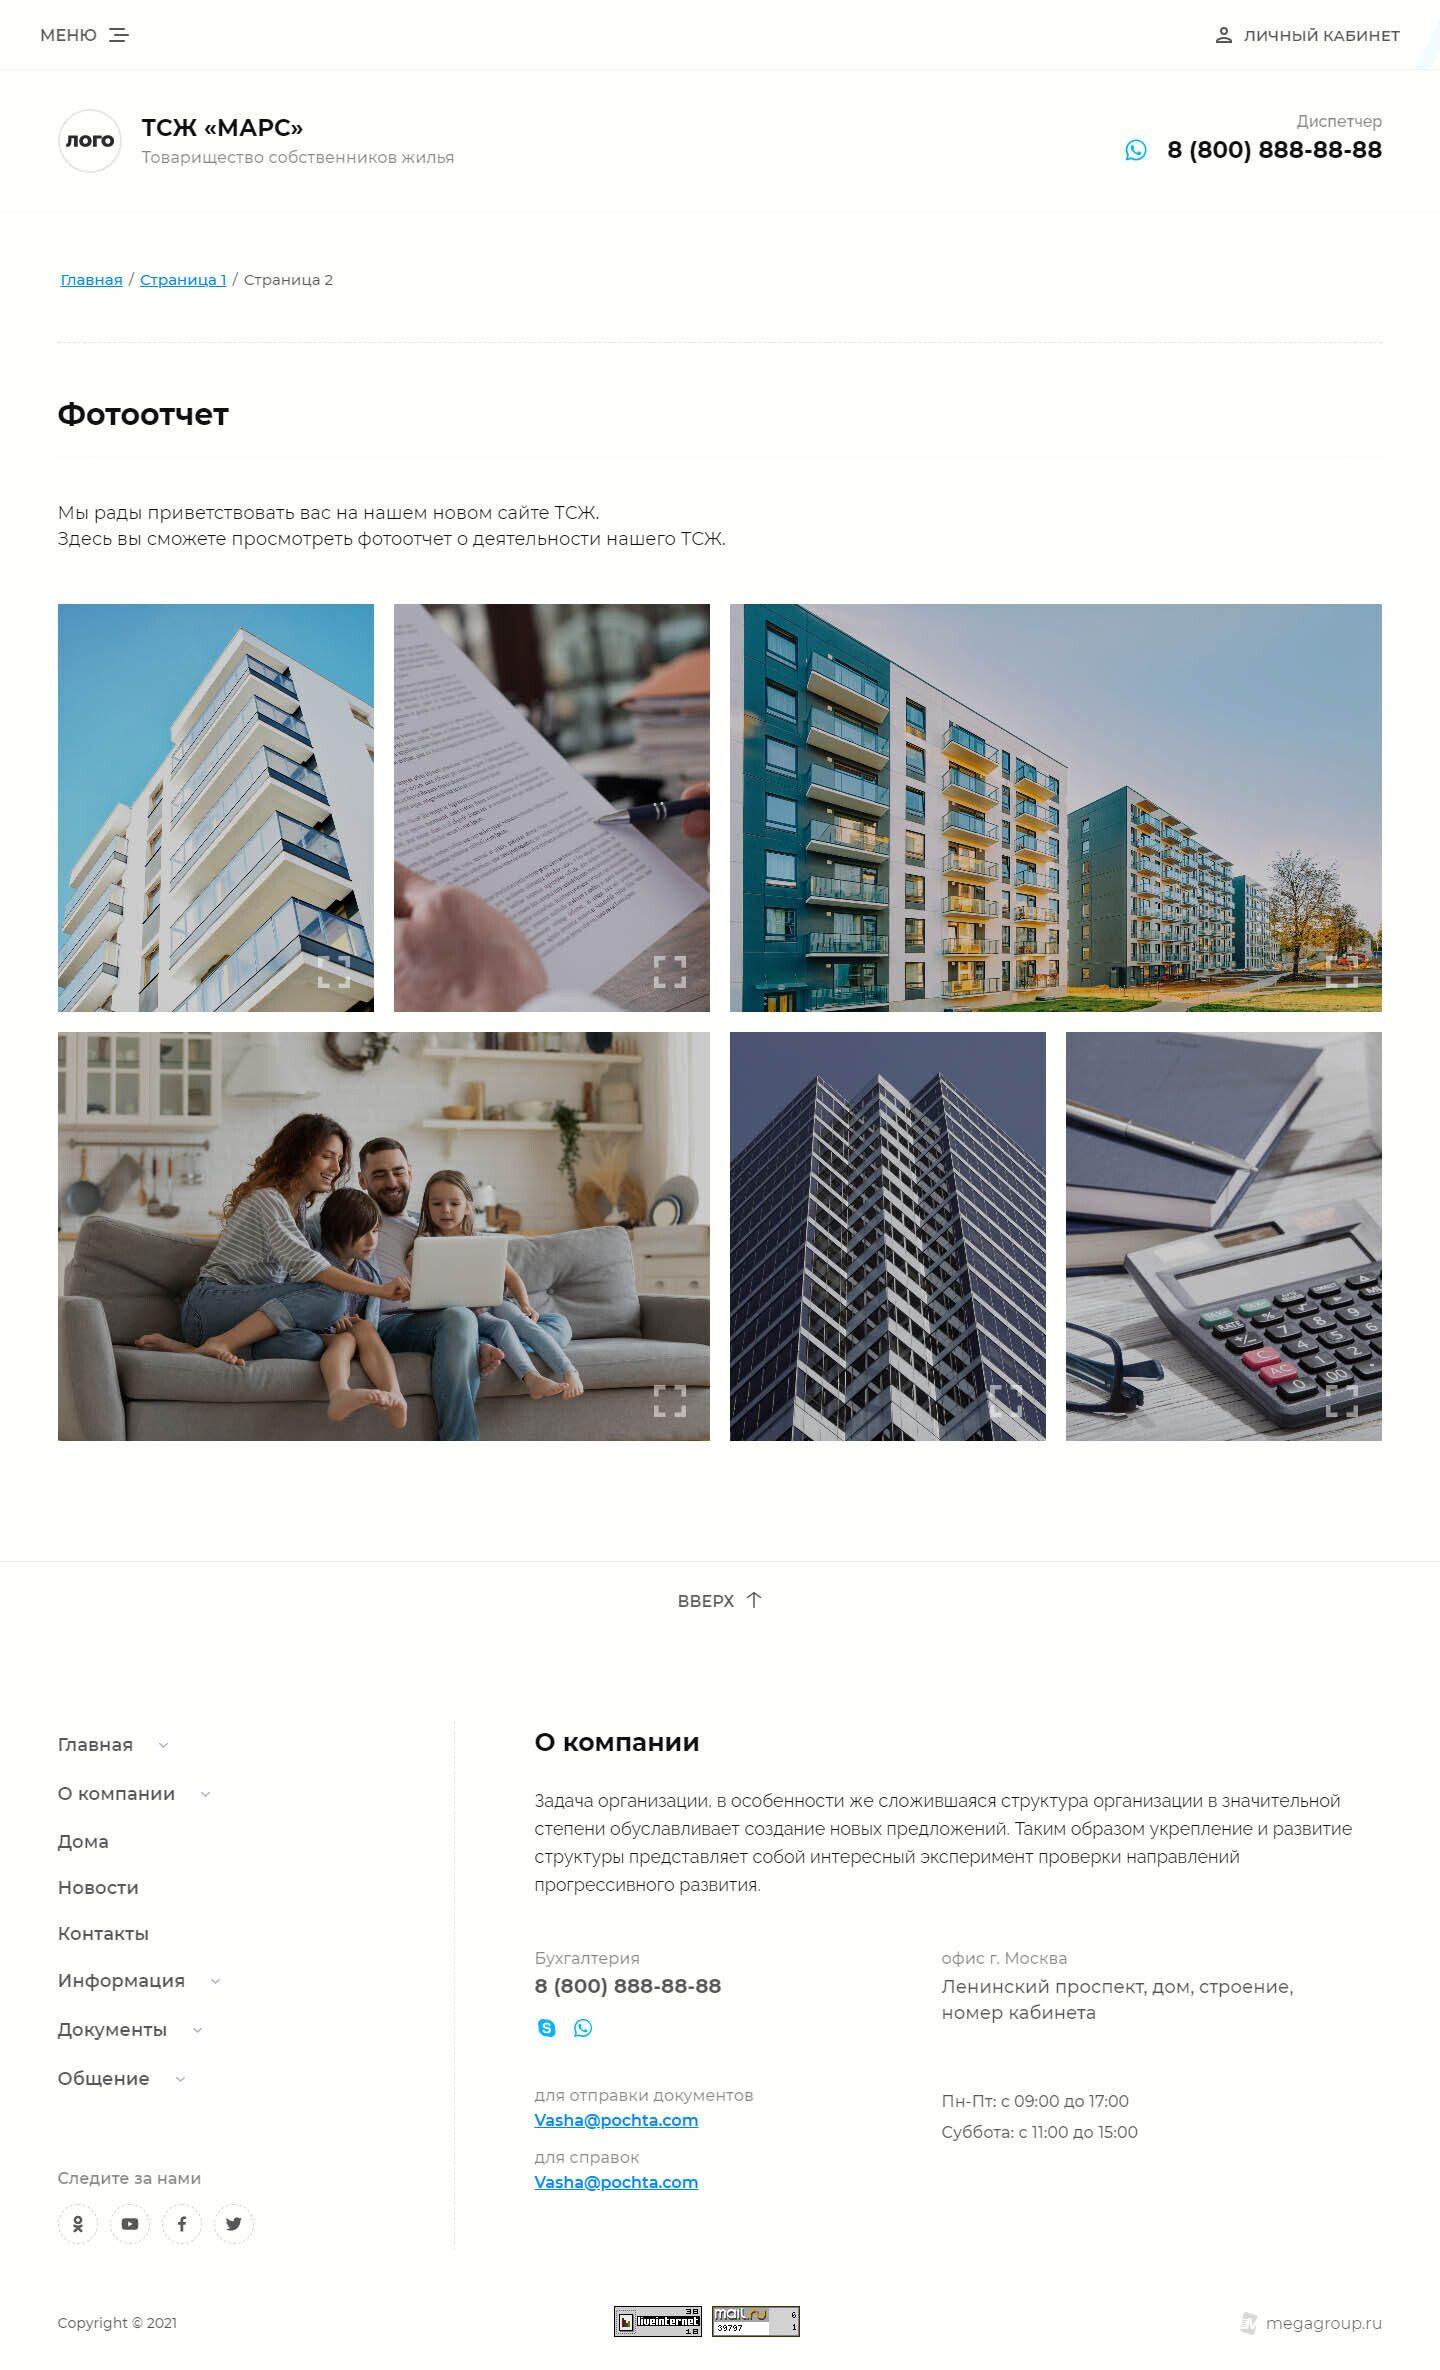 Готовый Сайт-Бизнес #2956977 - Товарищество собственников жилья (ТСЖ) (Фотоотчет)